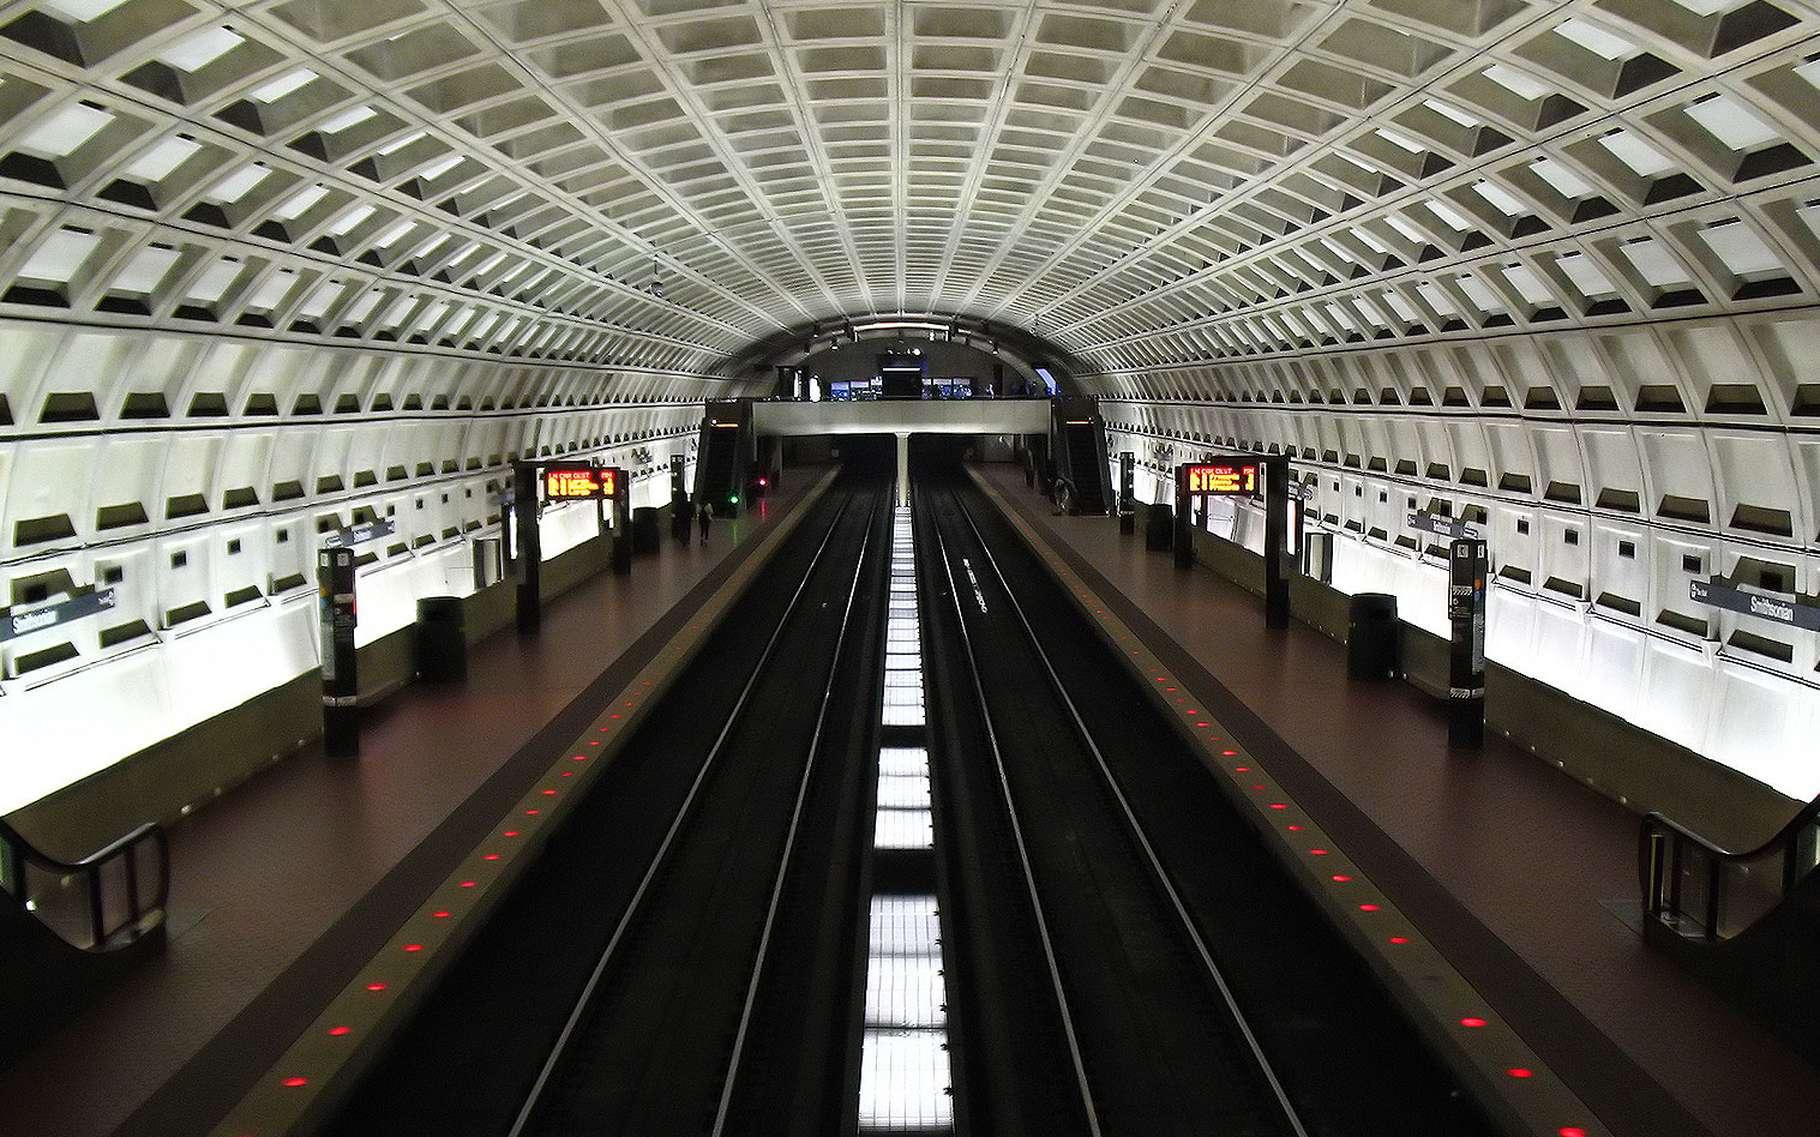 Le magnifique plafond elliptique d'un quai de métro. © Phil King, Flickr, CC by-nc 2.0